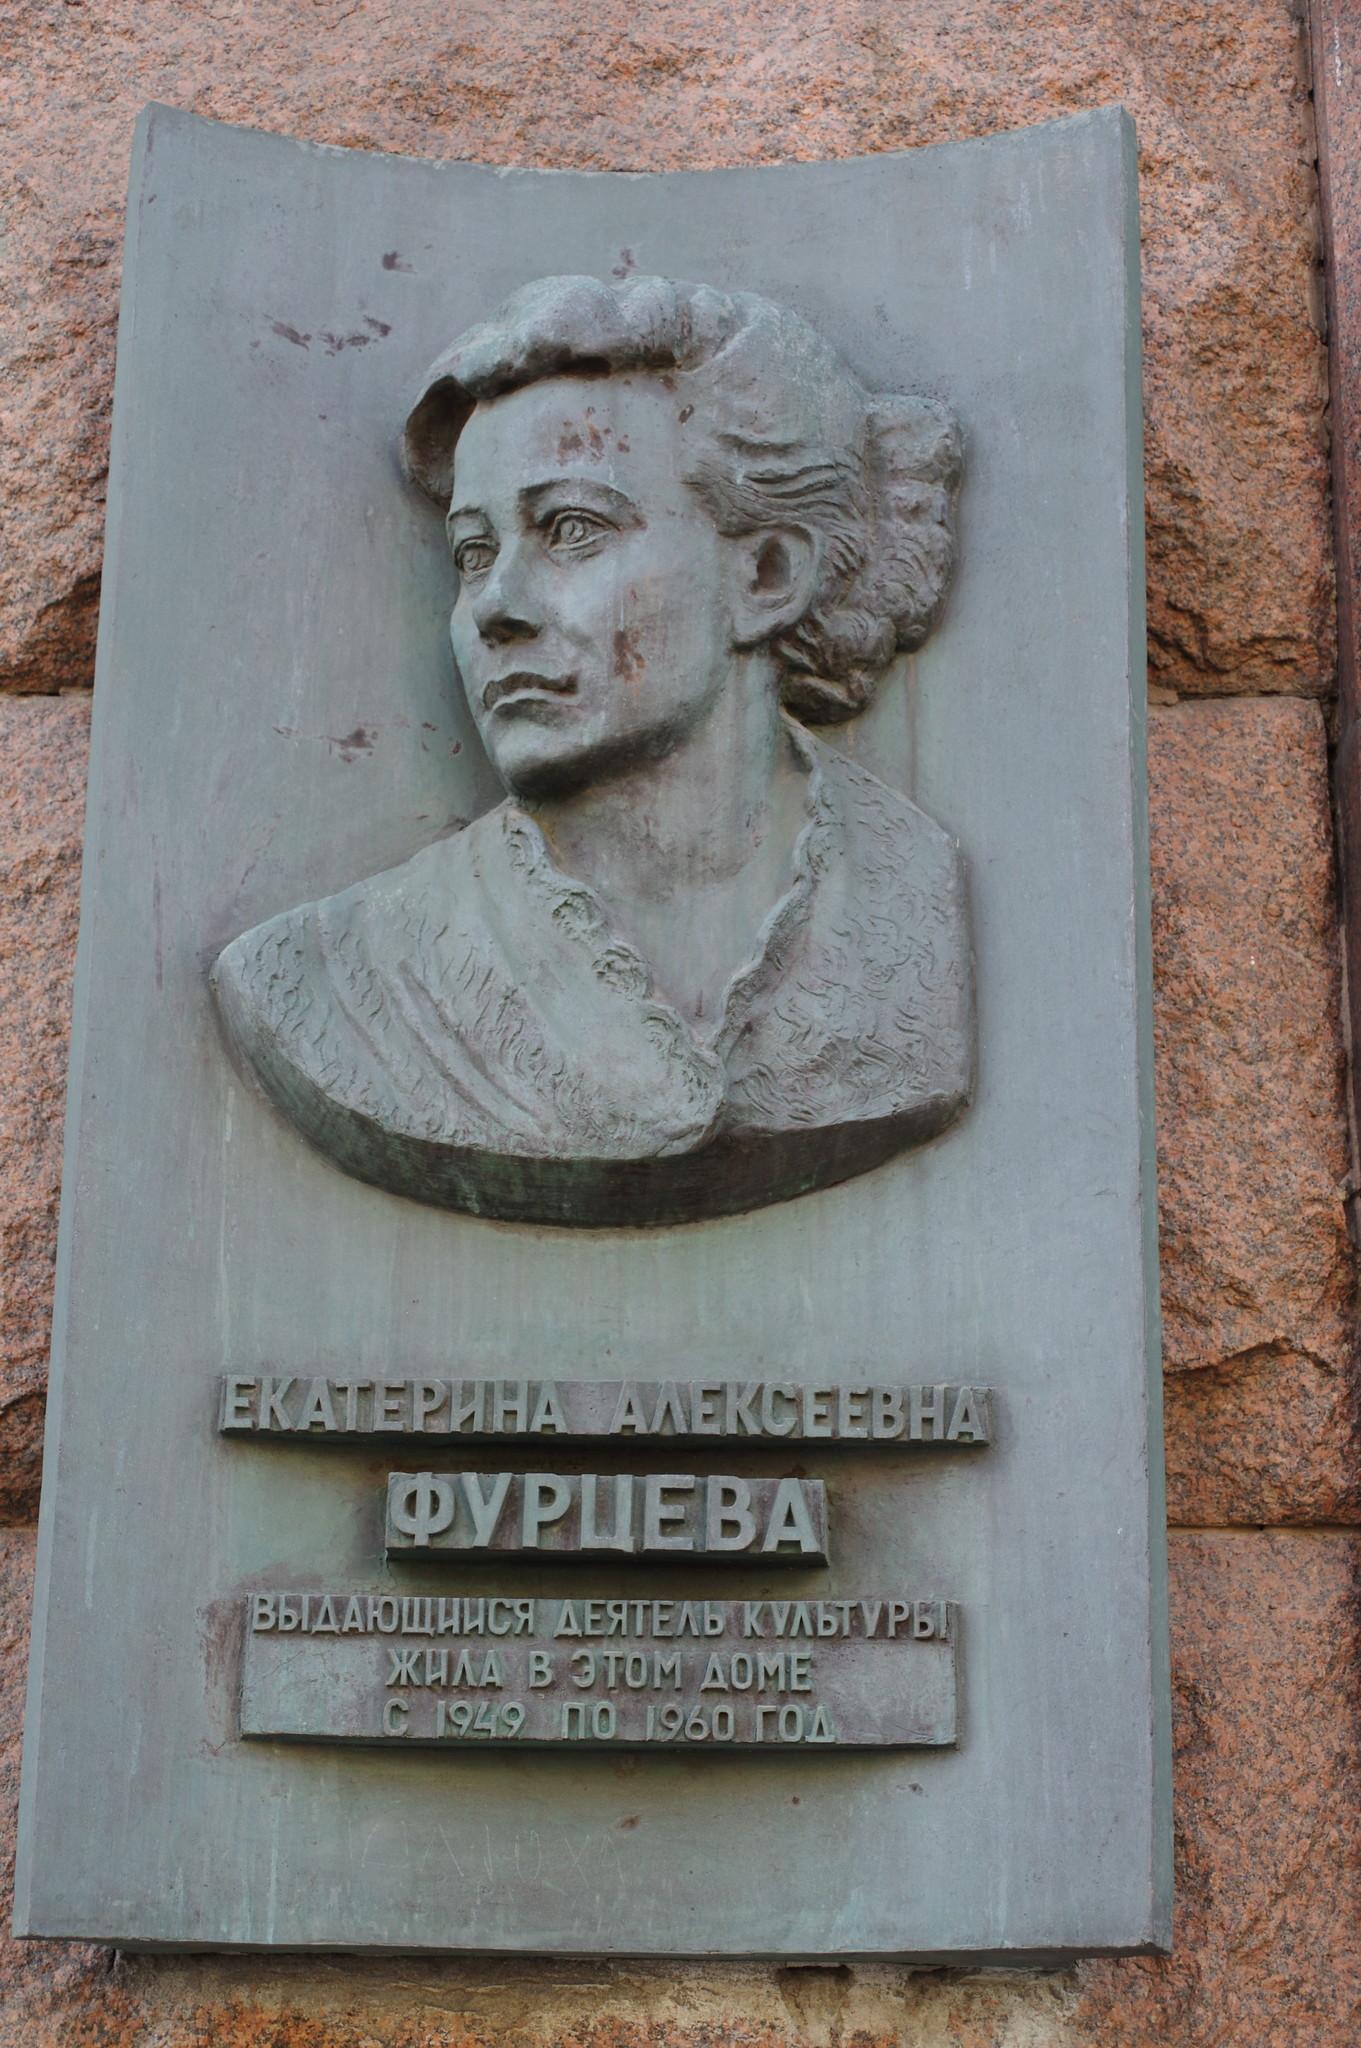 Мемориальная доска в Москве на доме (Тверская улица, дом 9), где с 1949 по 1960 год жила Екатерина Алексеевна Фурцева